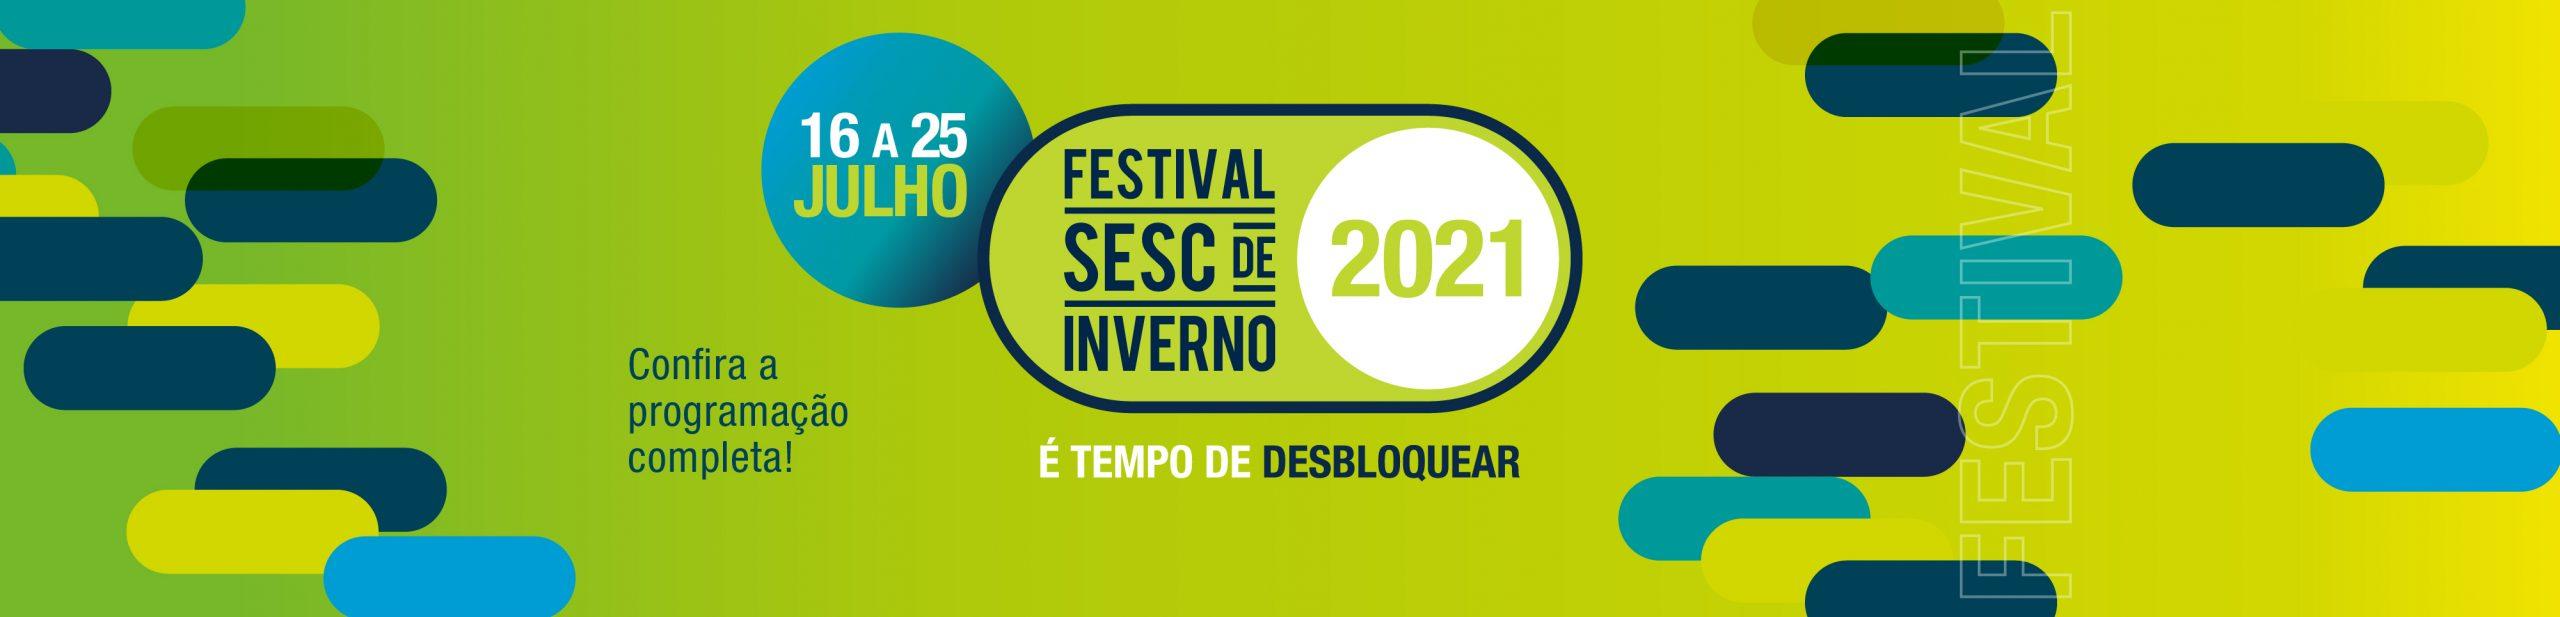 Festival de Inverno 2021 - confira a programação